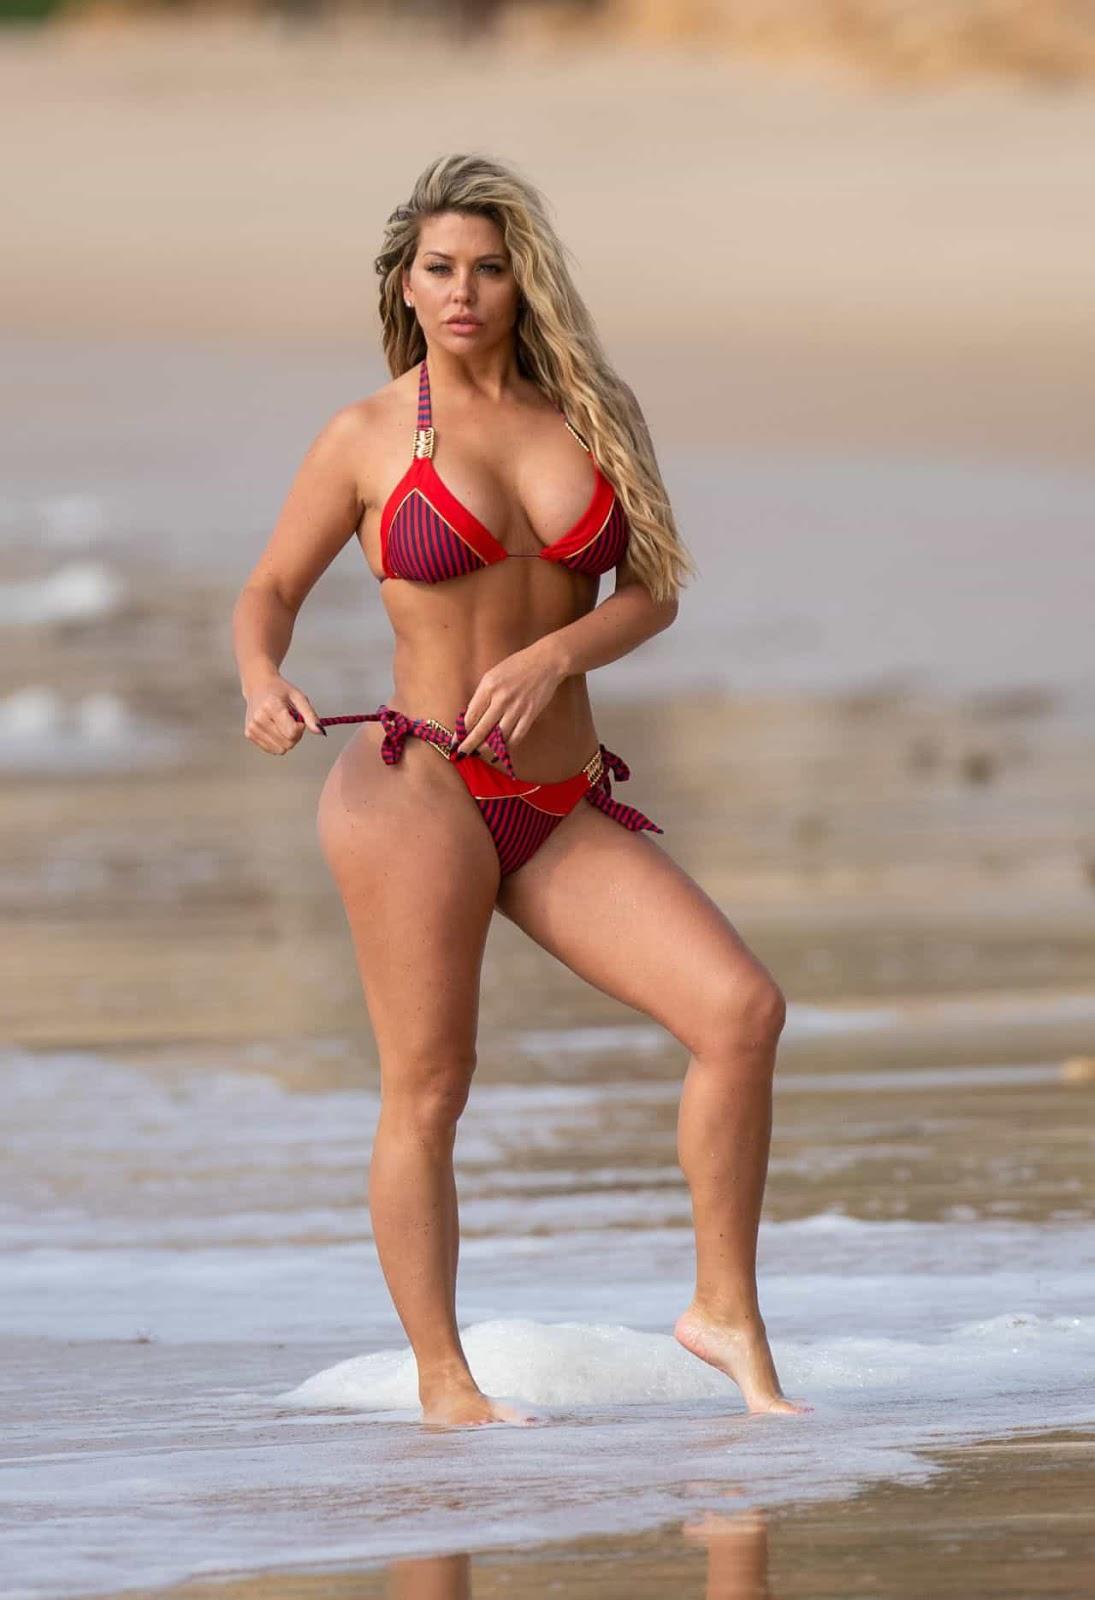 Британська модель Бьянка Гаскоань на пляжі в Португалії.